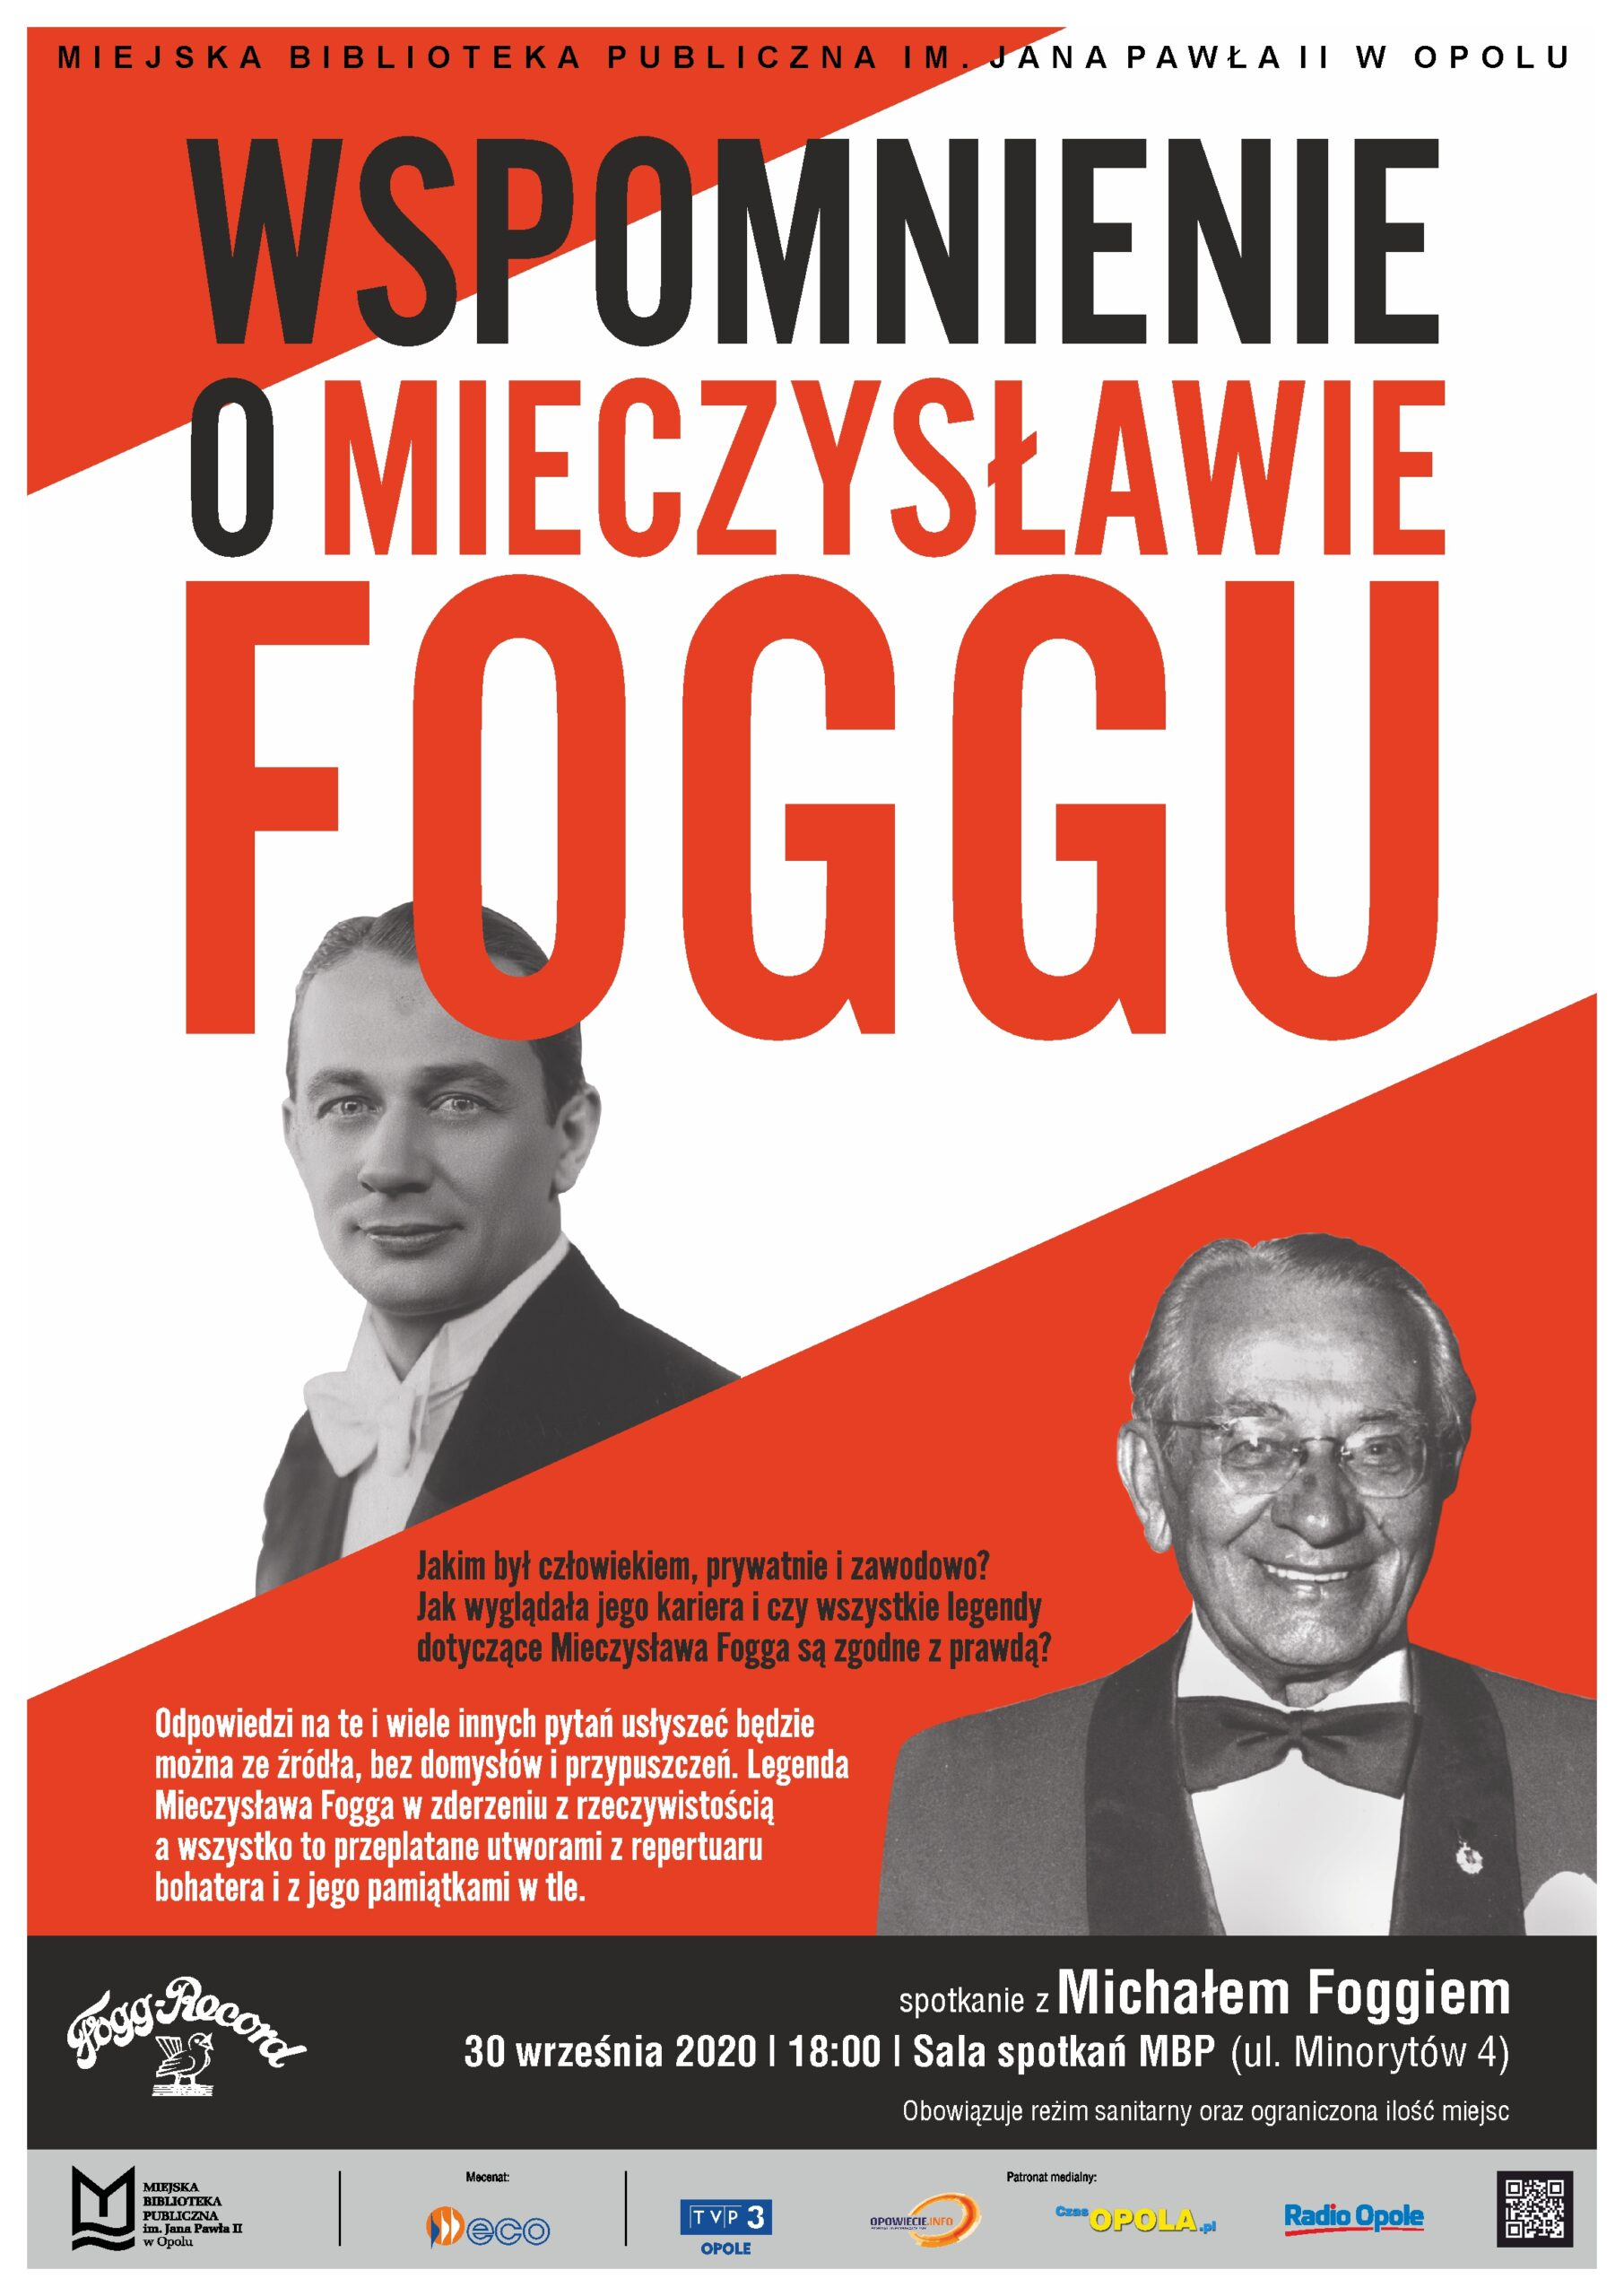 Wspomnienie o Mieczysławie Foggu – spotkanie z Michałem Foggiem